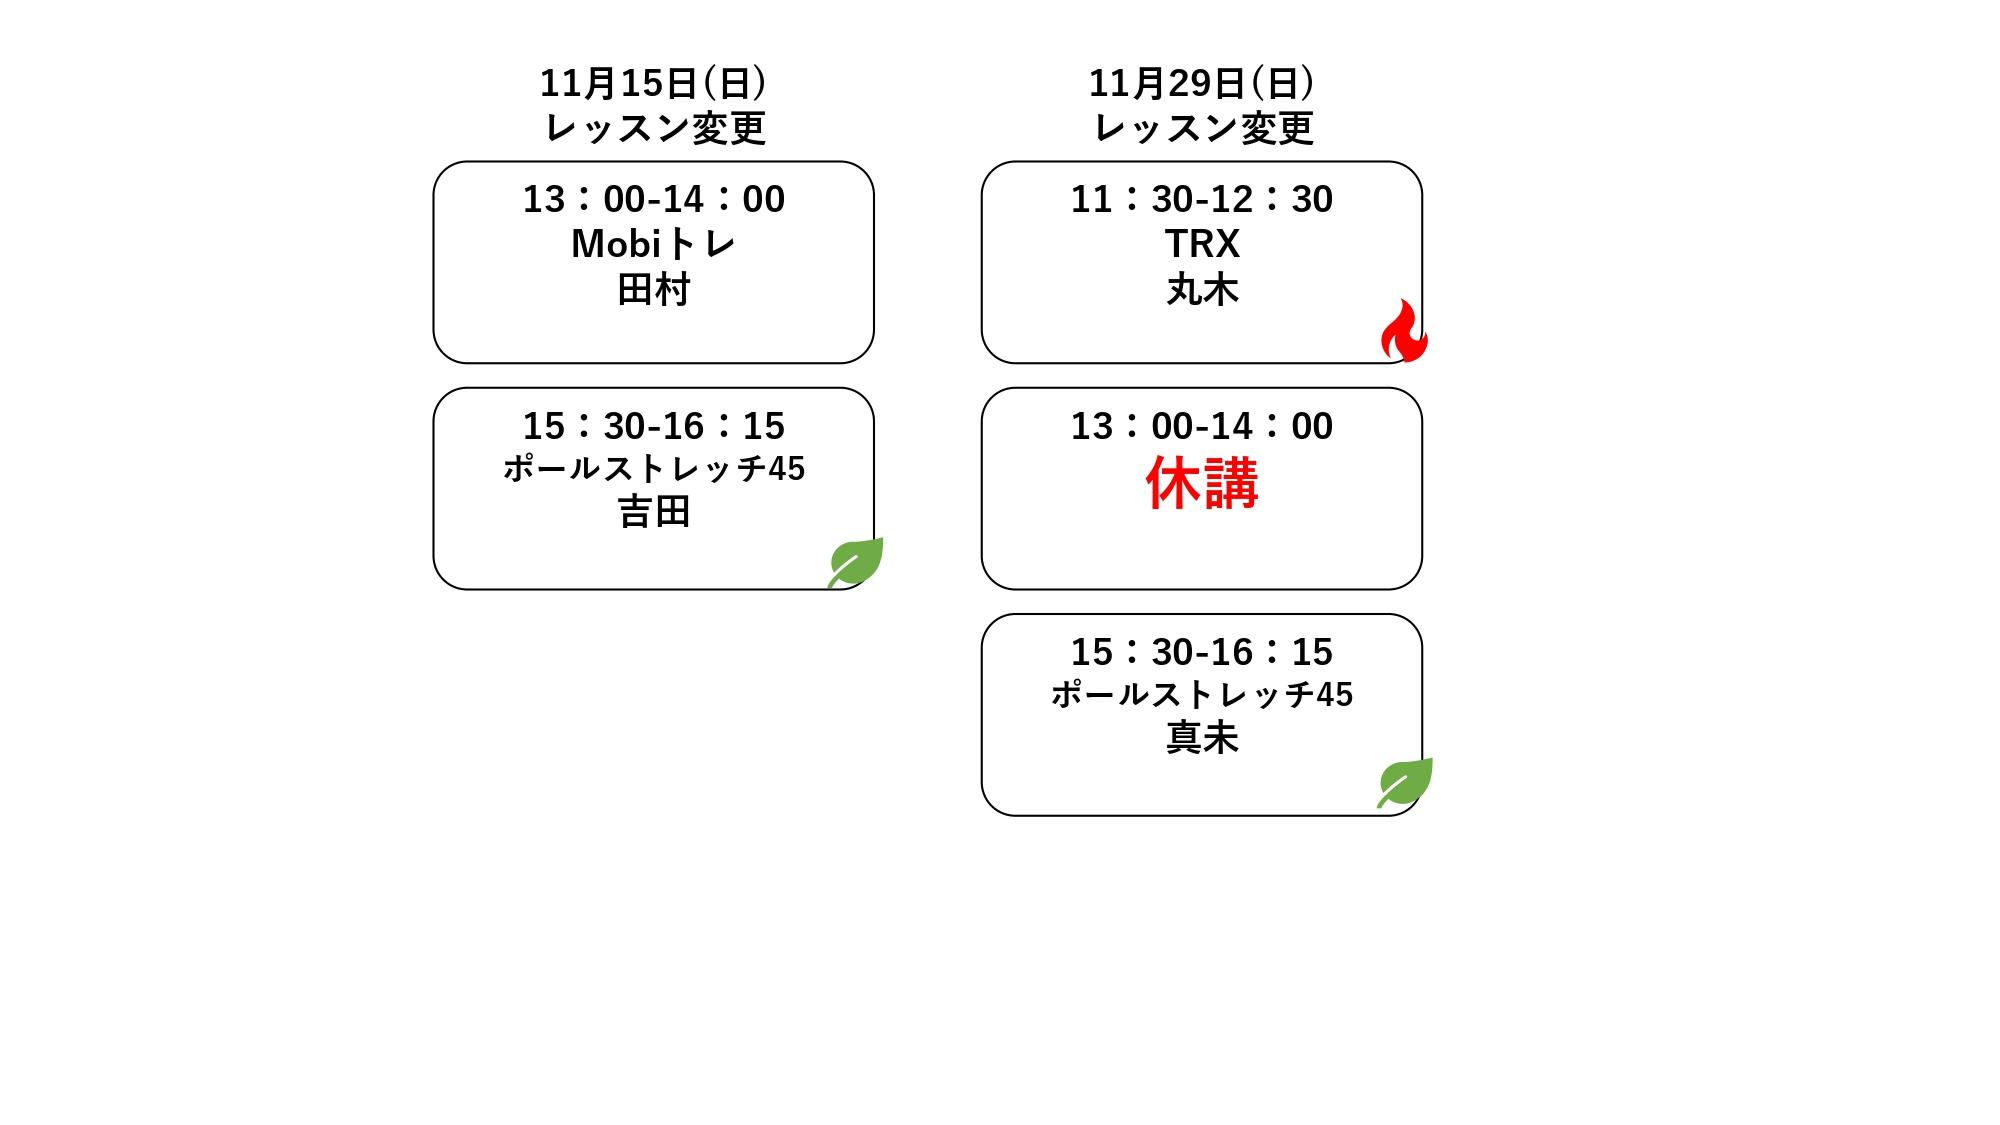 メディカルフィットネスウェルベース矢巾の11月代行(改定)